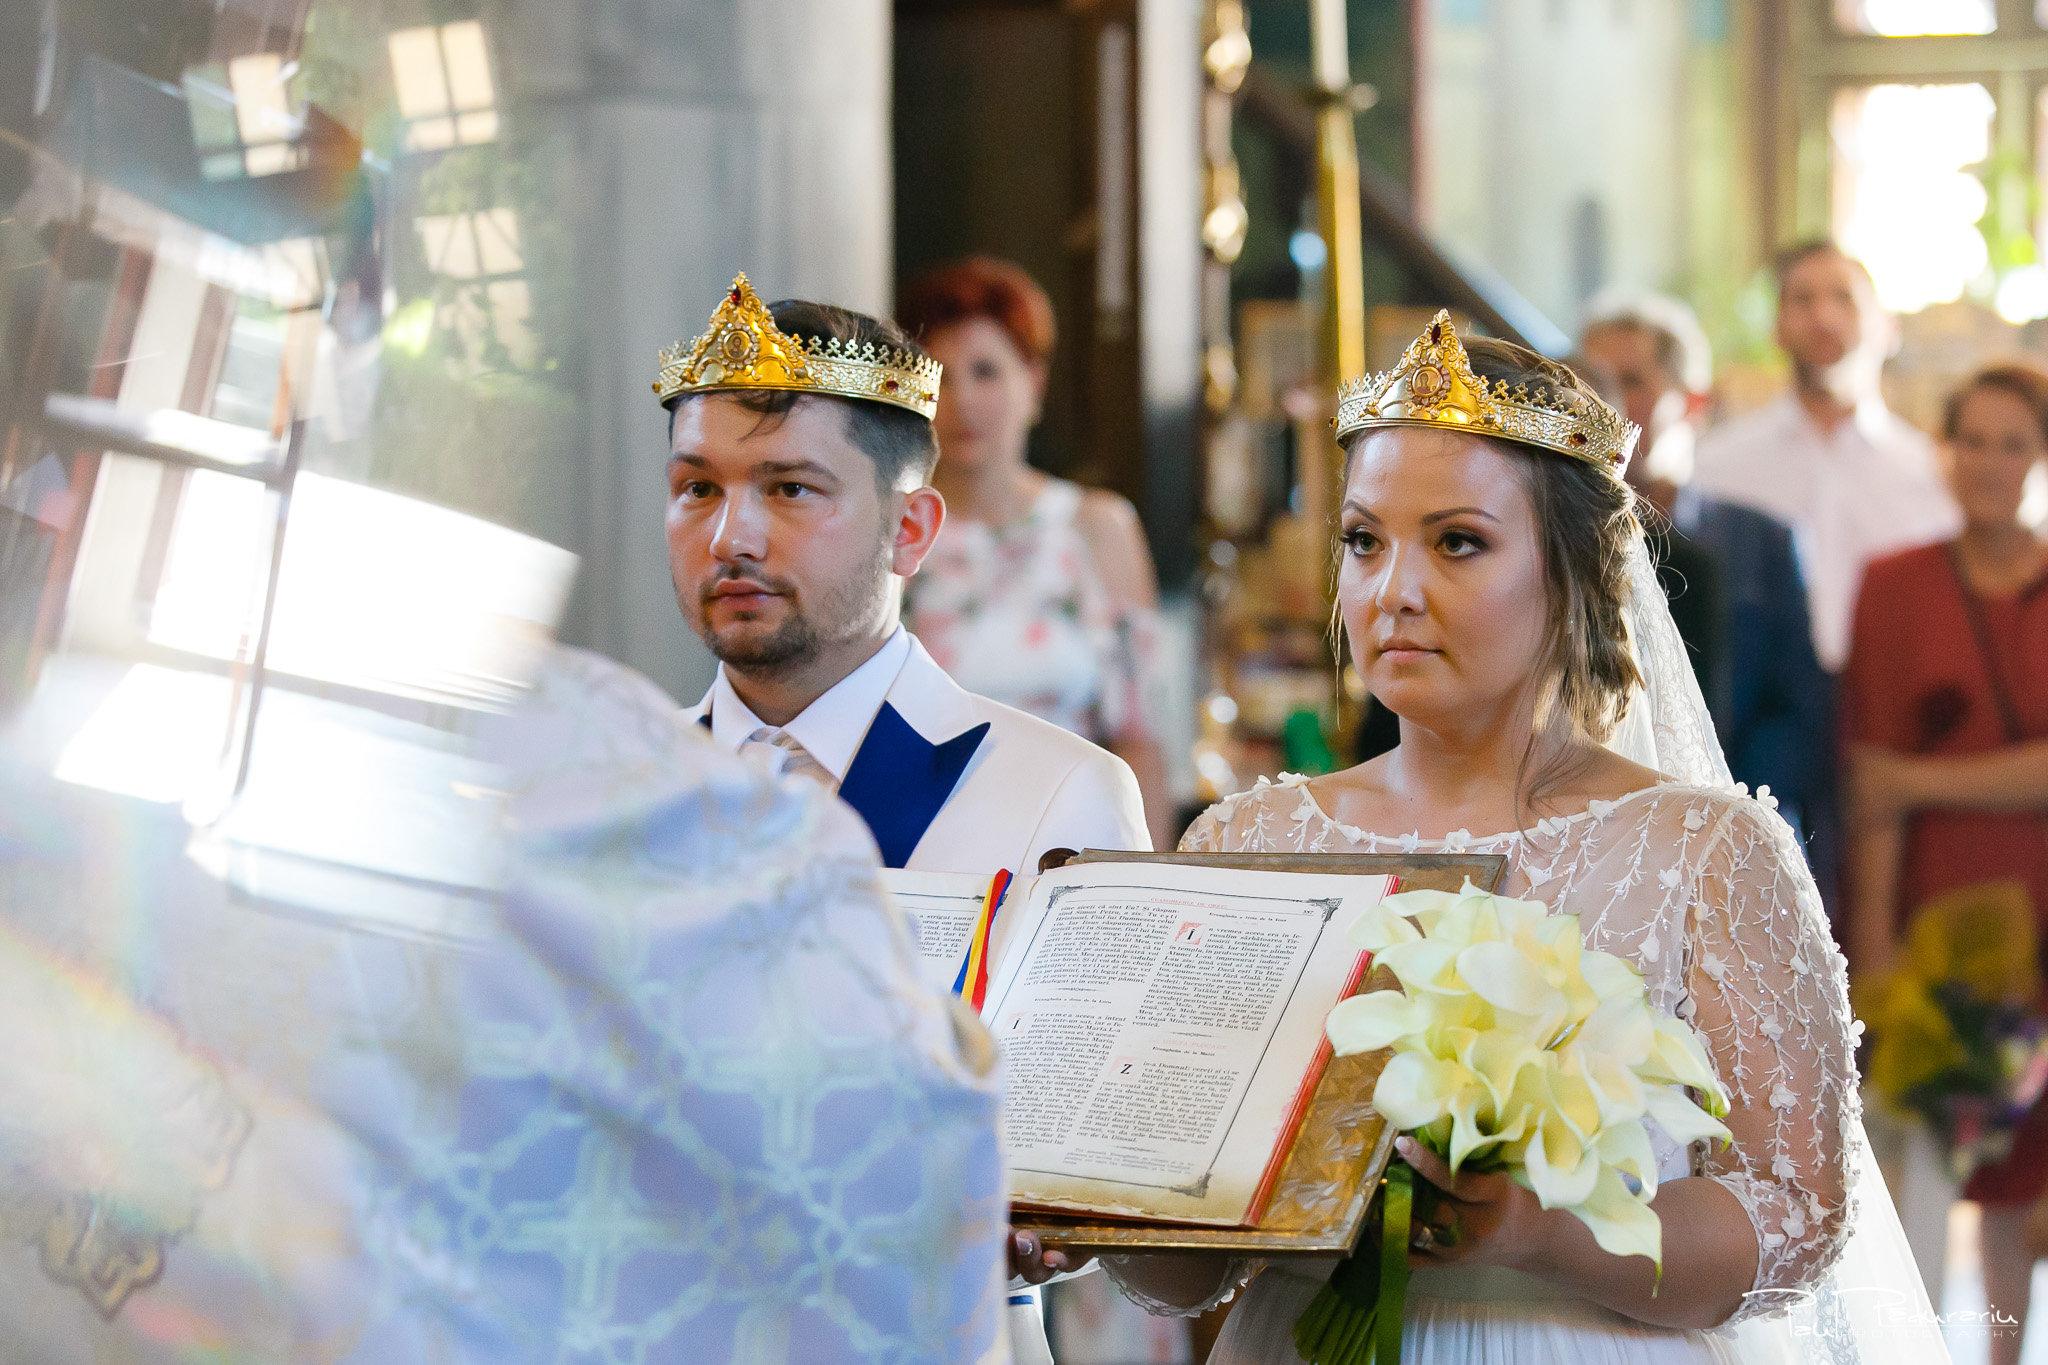 Cununia religioasa nunta Ema si Tudor fotograf de nunta iasi www.paulpadurariu.ro © 2017 Paul Padurariu miri in timpul slujbei